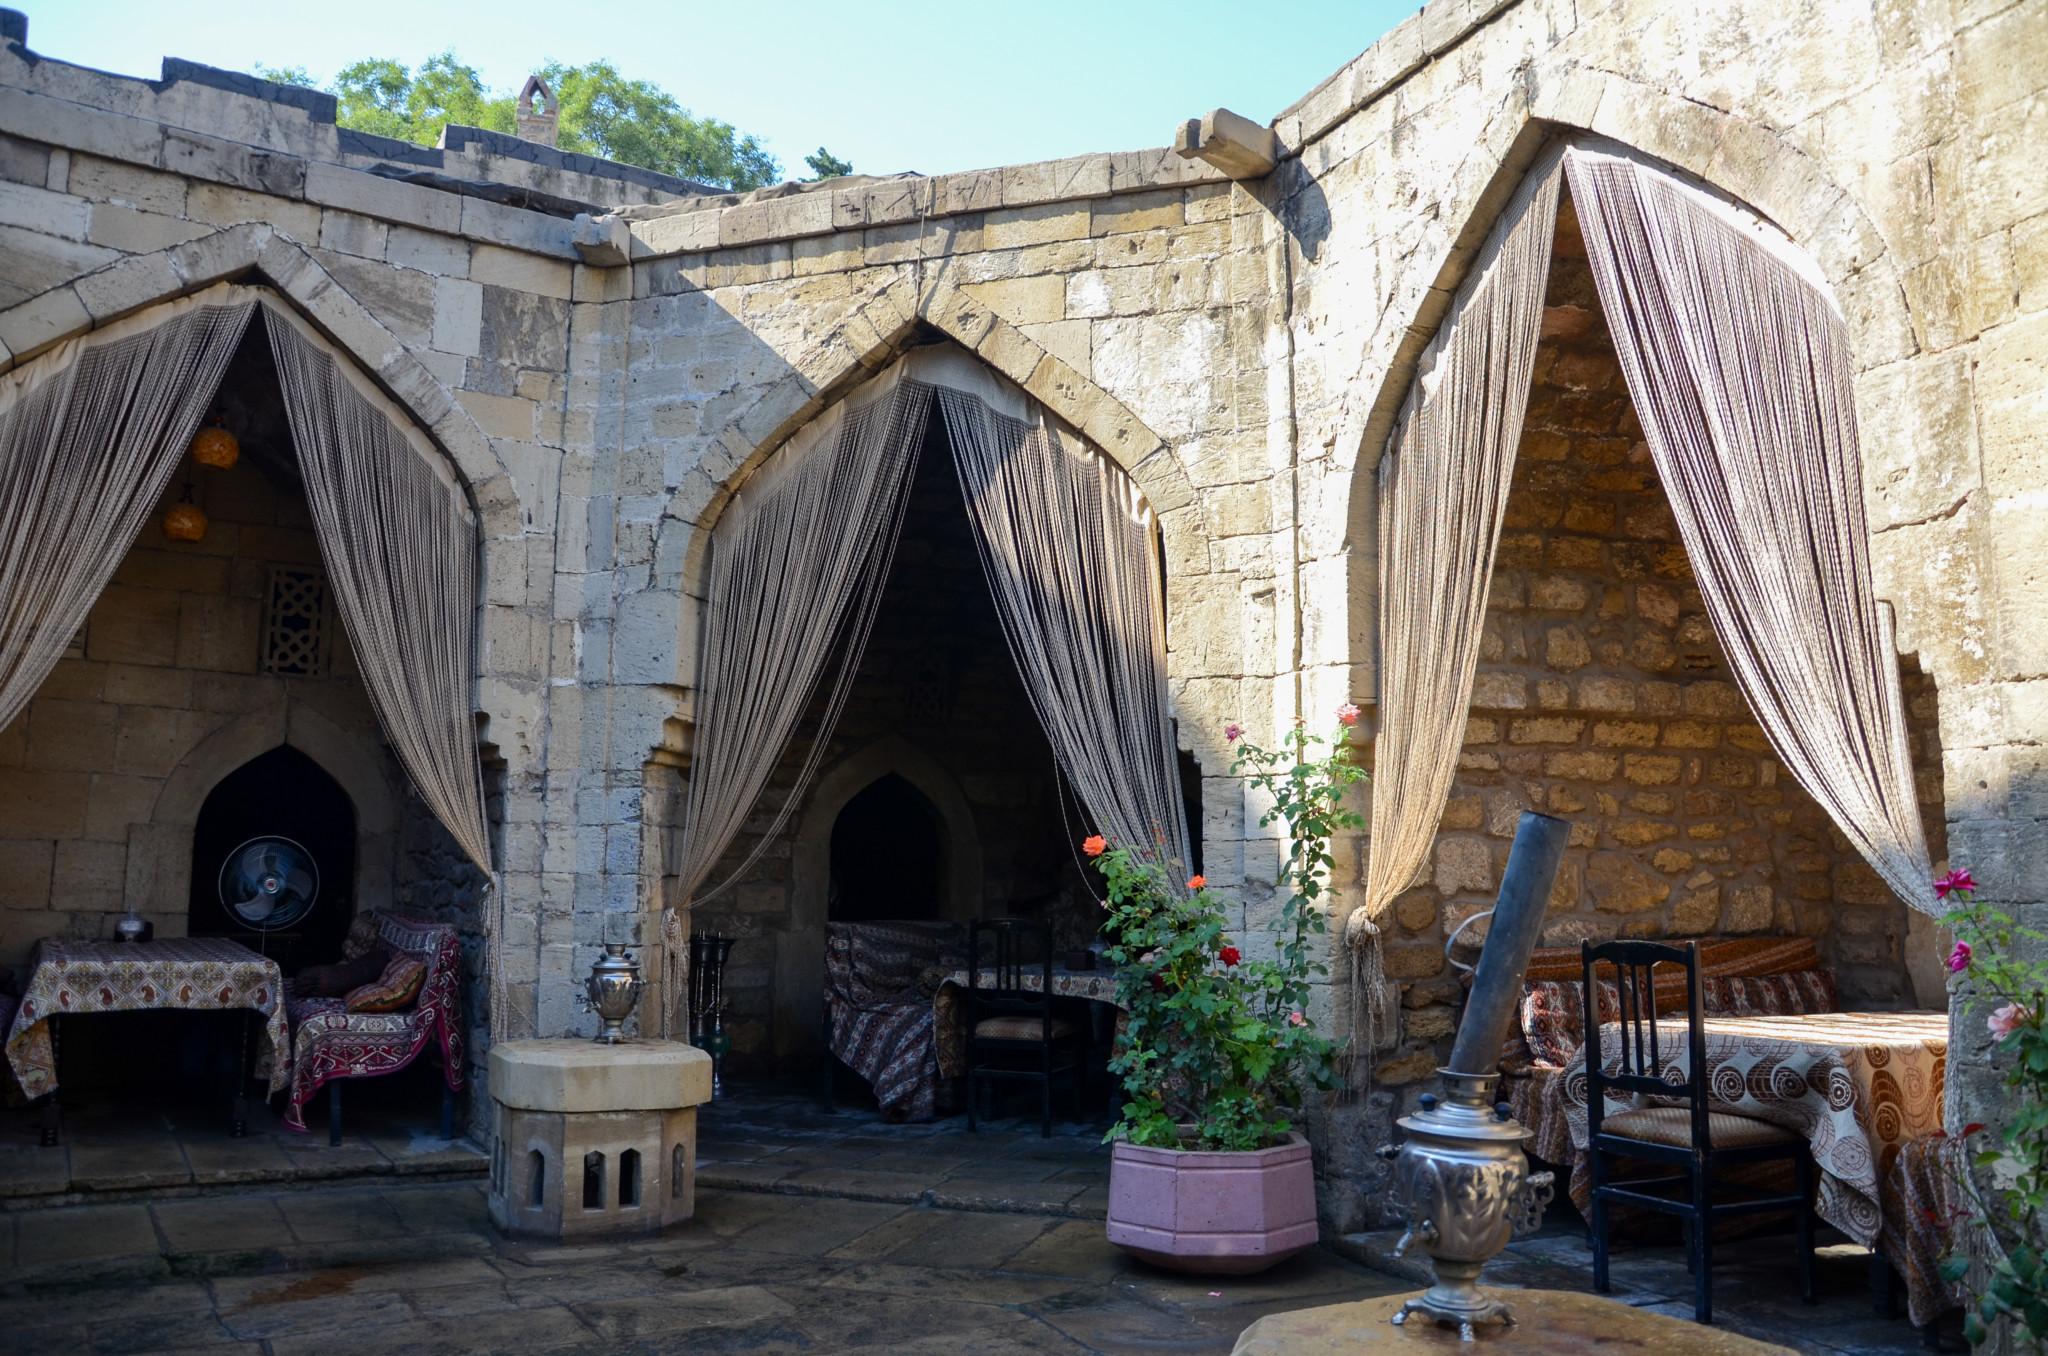 Typisches Restaurant, das Aserbaidschan Gerichte serviert